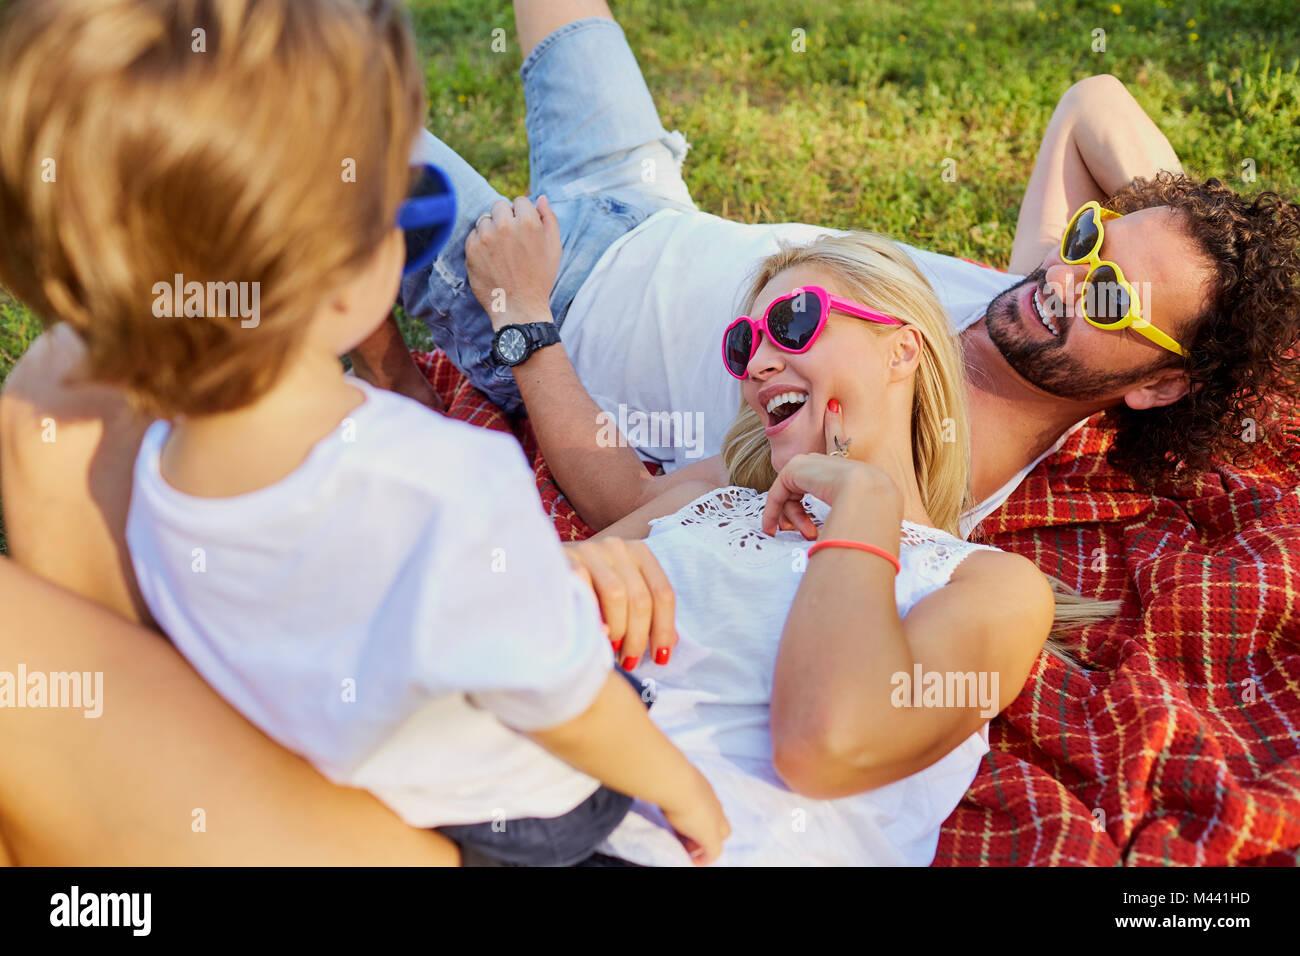 La famiglia felice che giocano nel parco. Immagini Stock